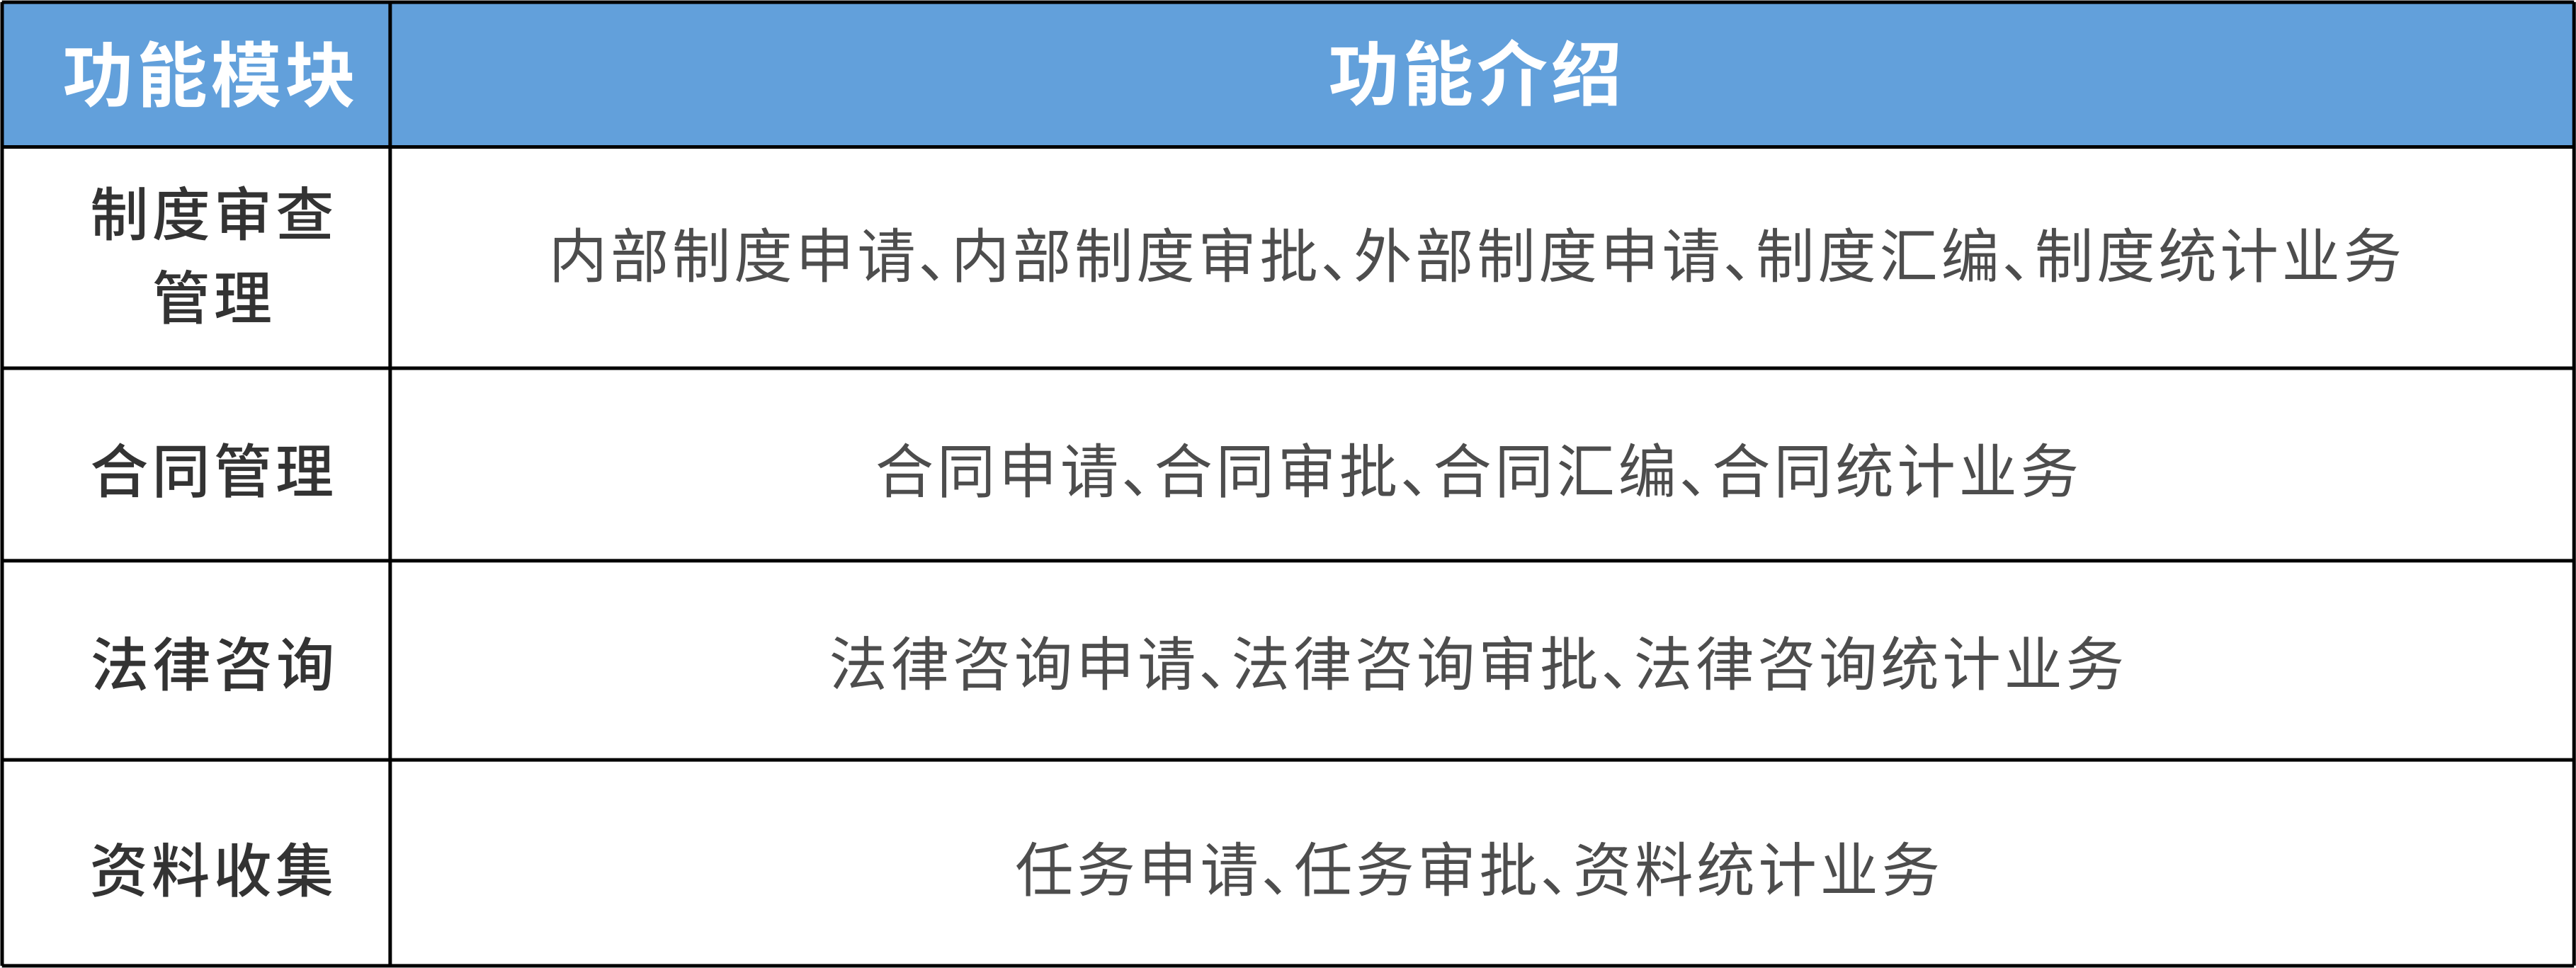 江门某银行 - 合规管理系统